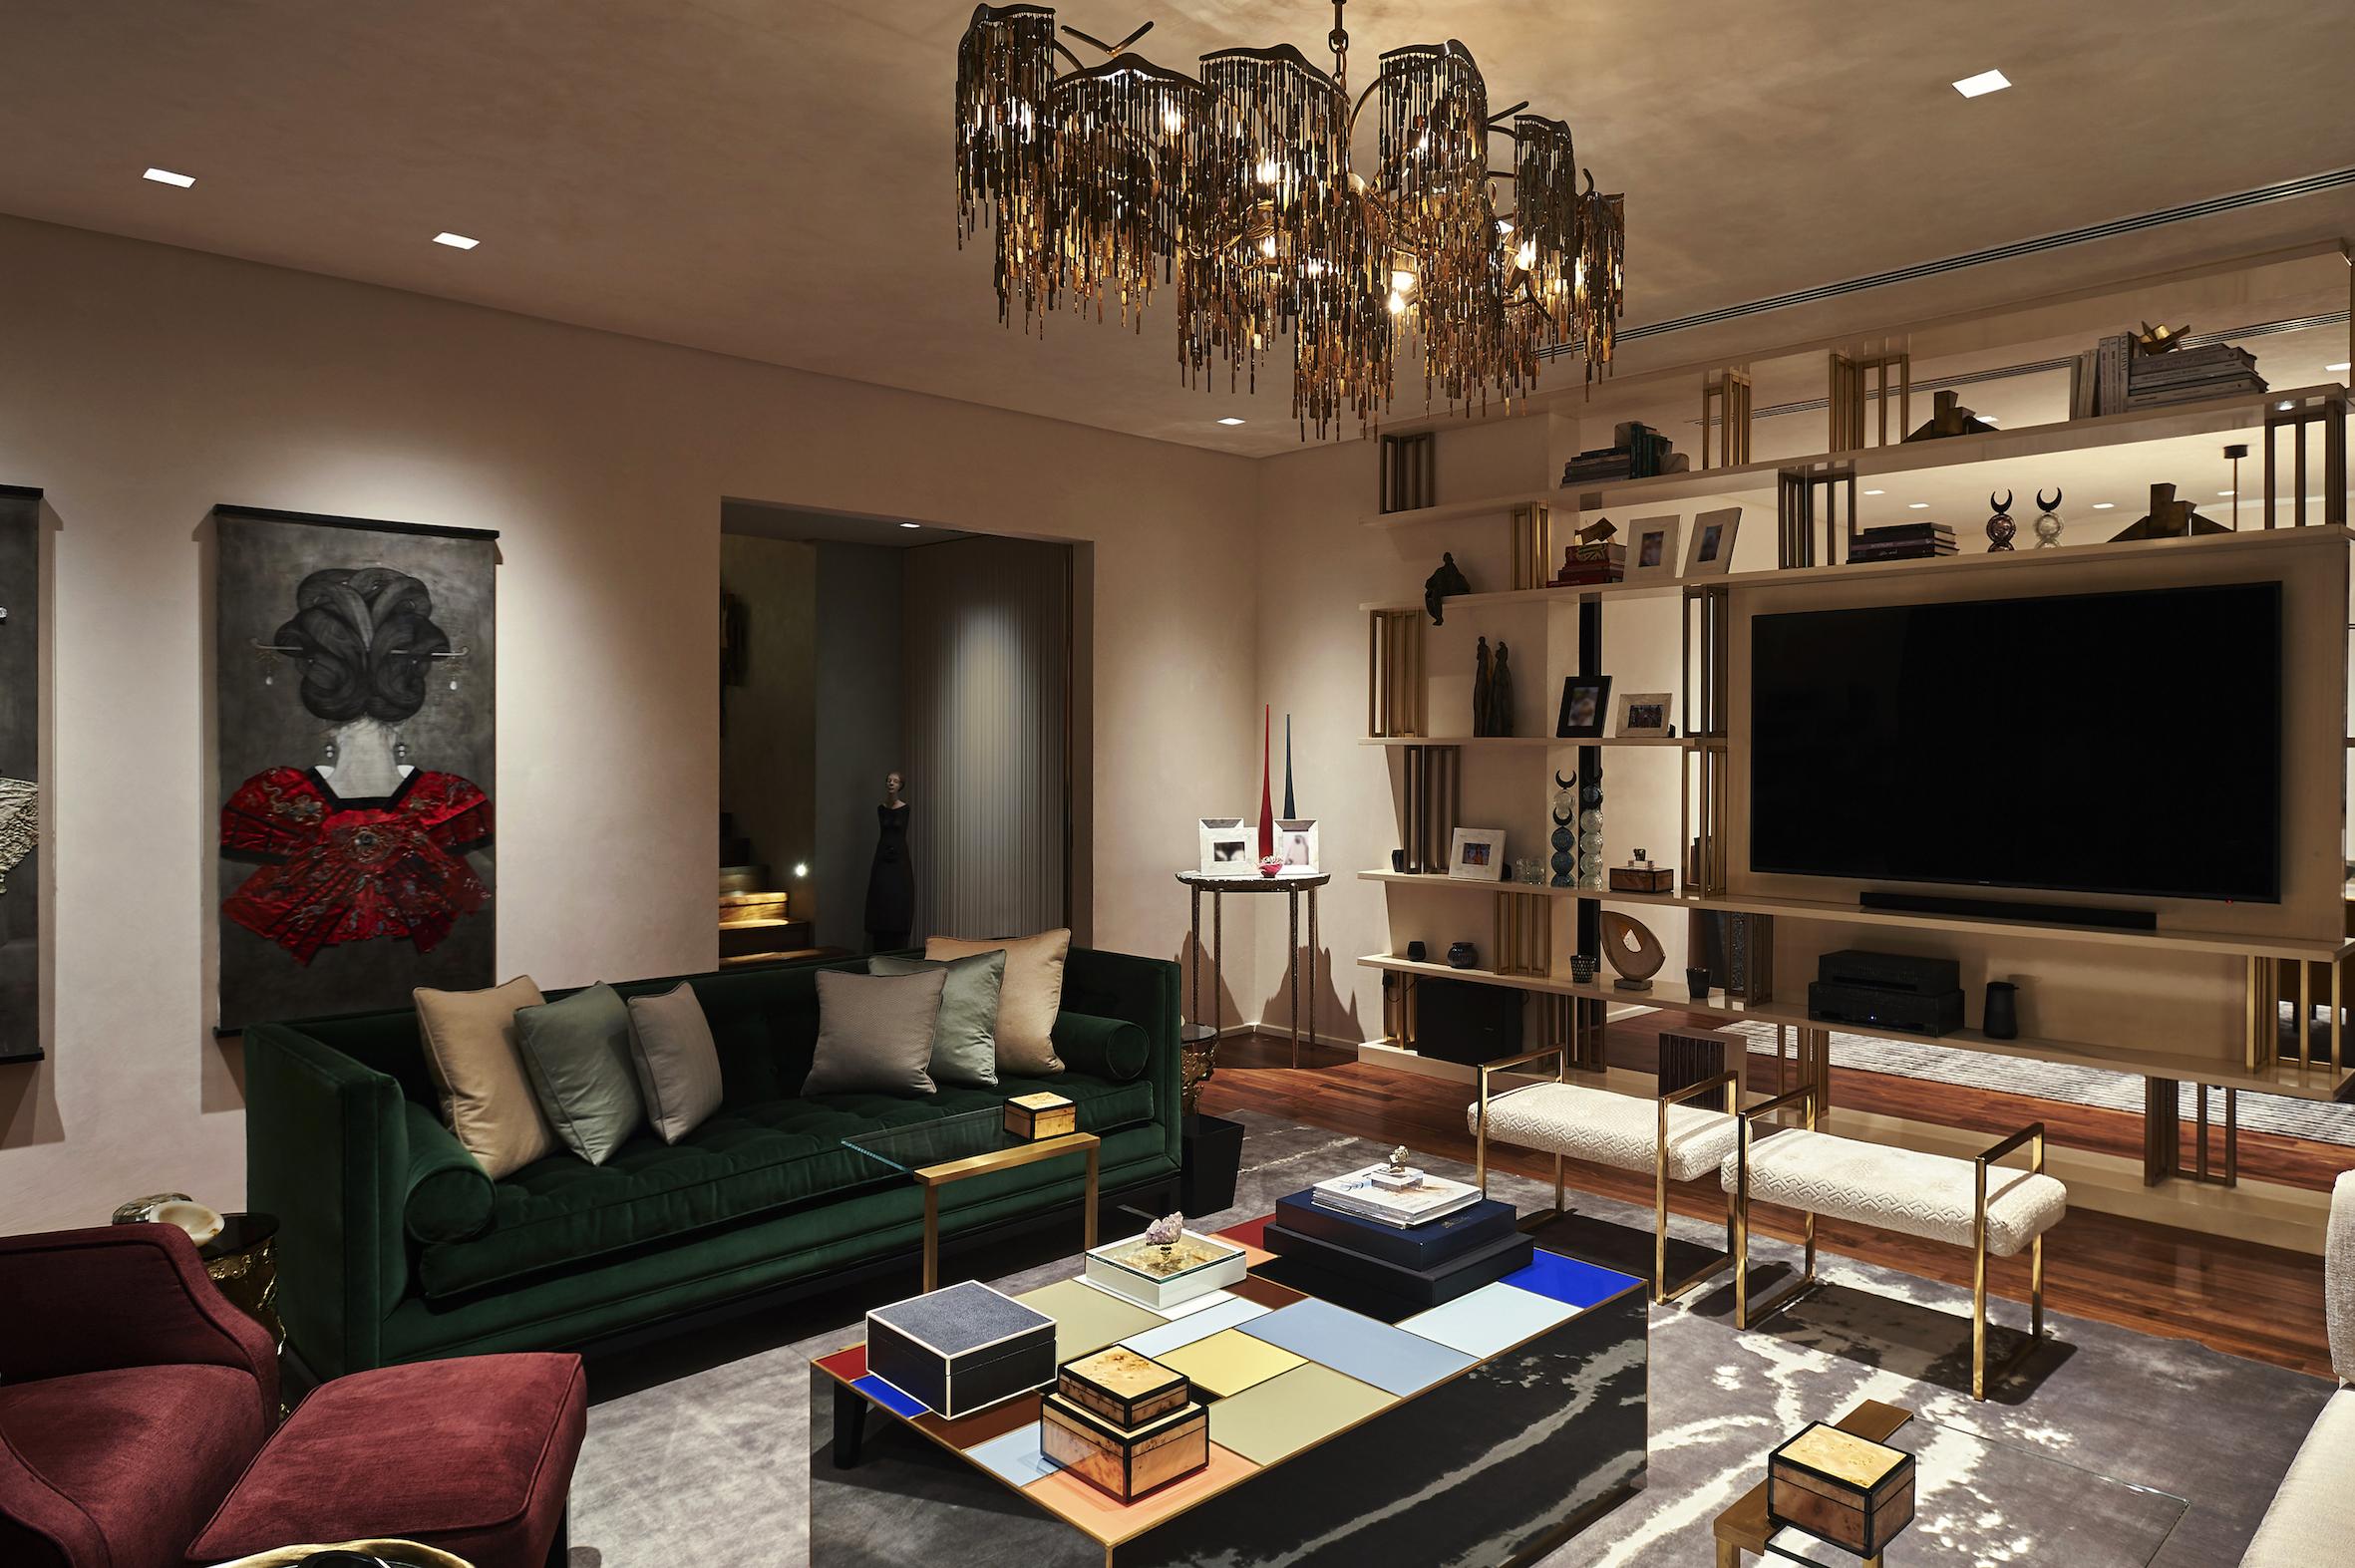 Nader-Gammas-Lighting-Design-Palm-Living.JPG